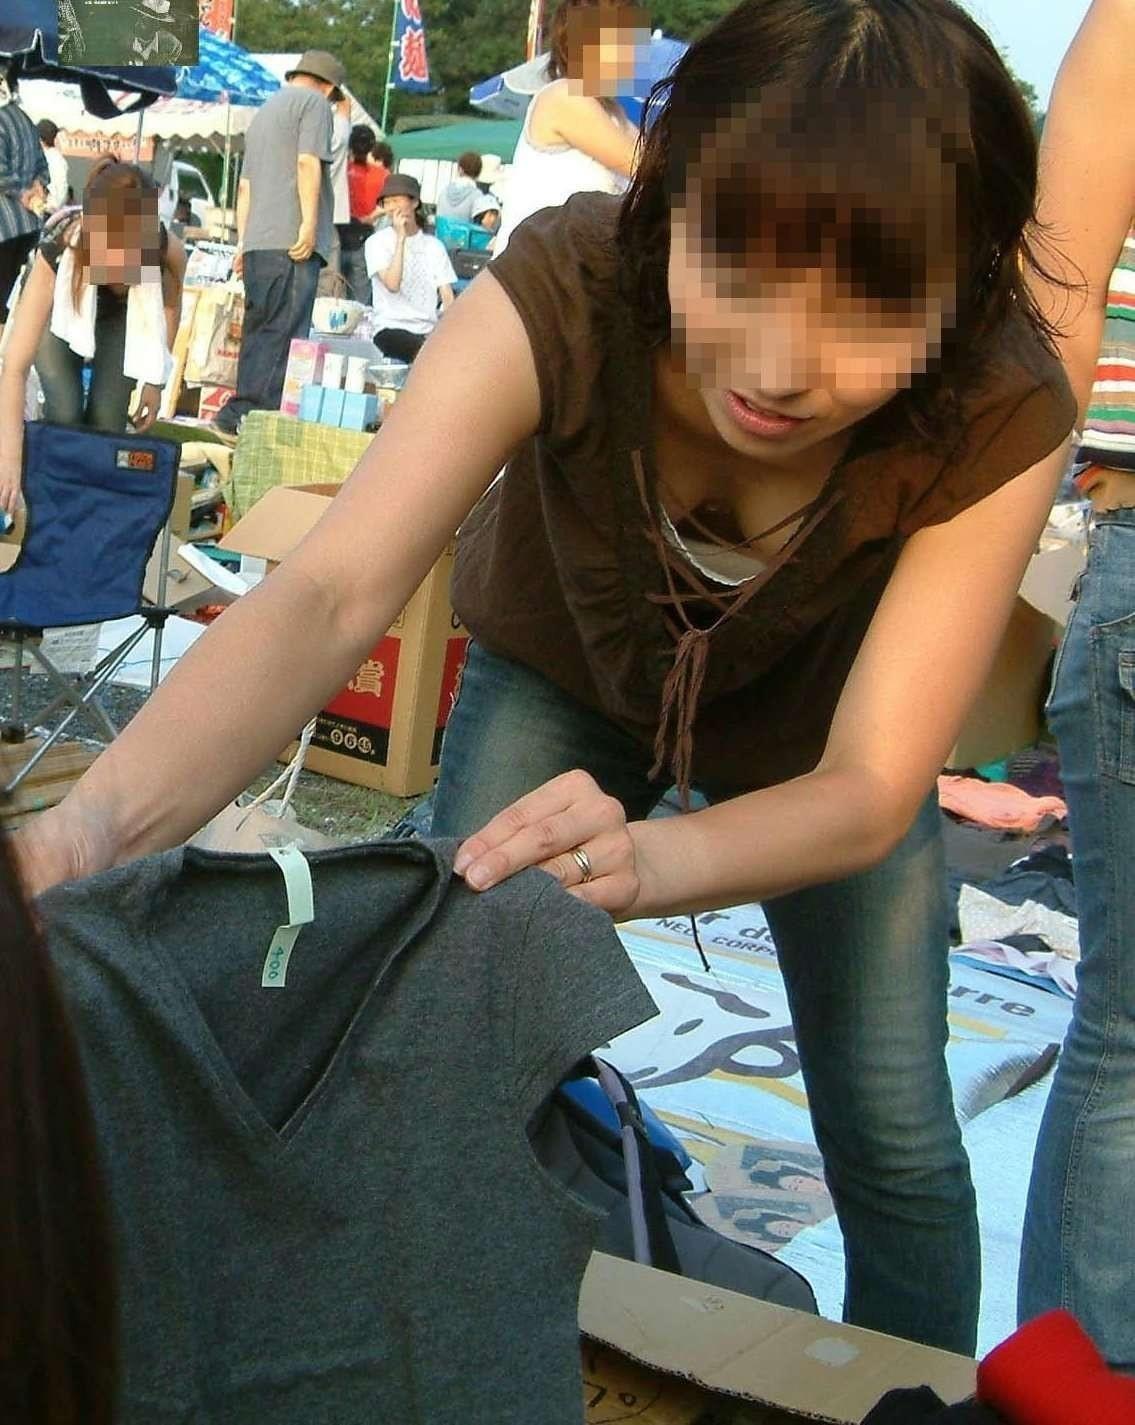 【日常エロ画像】行楽シーズンはあちらこちらで胸チラ・パンチラ発生する模様www 01